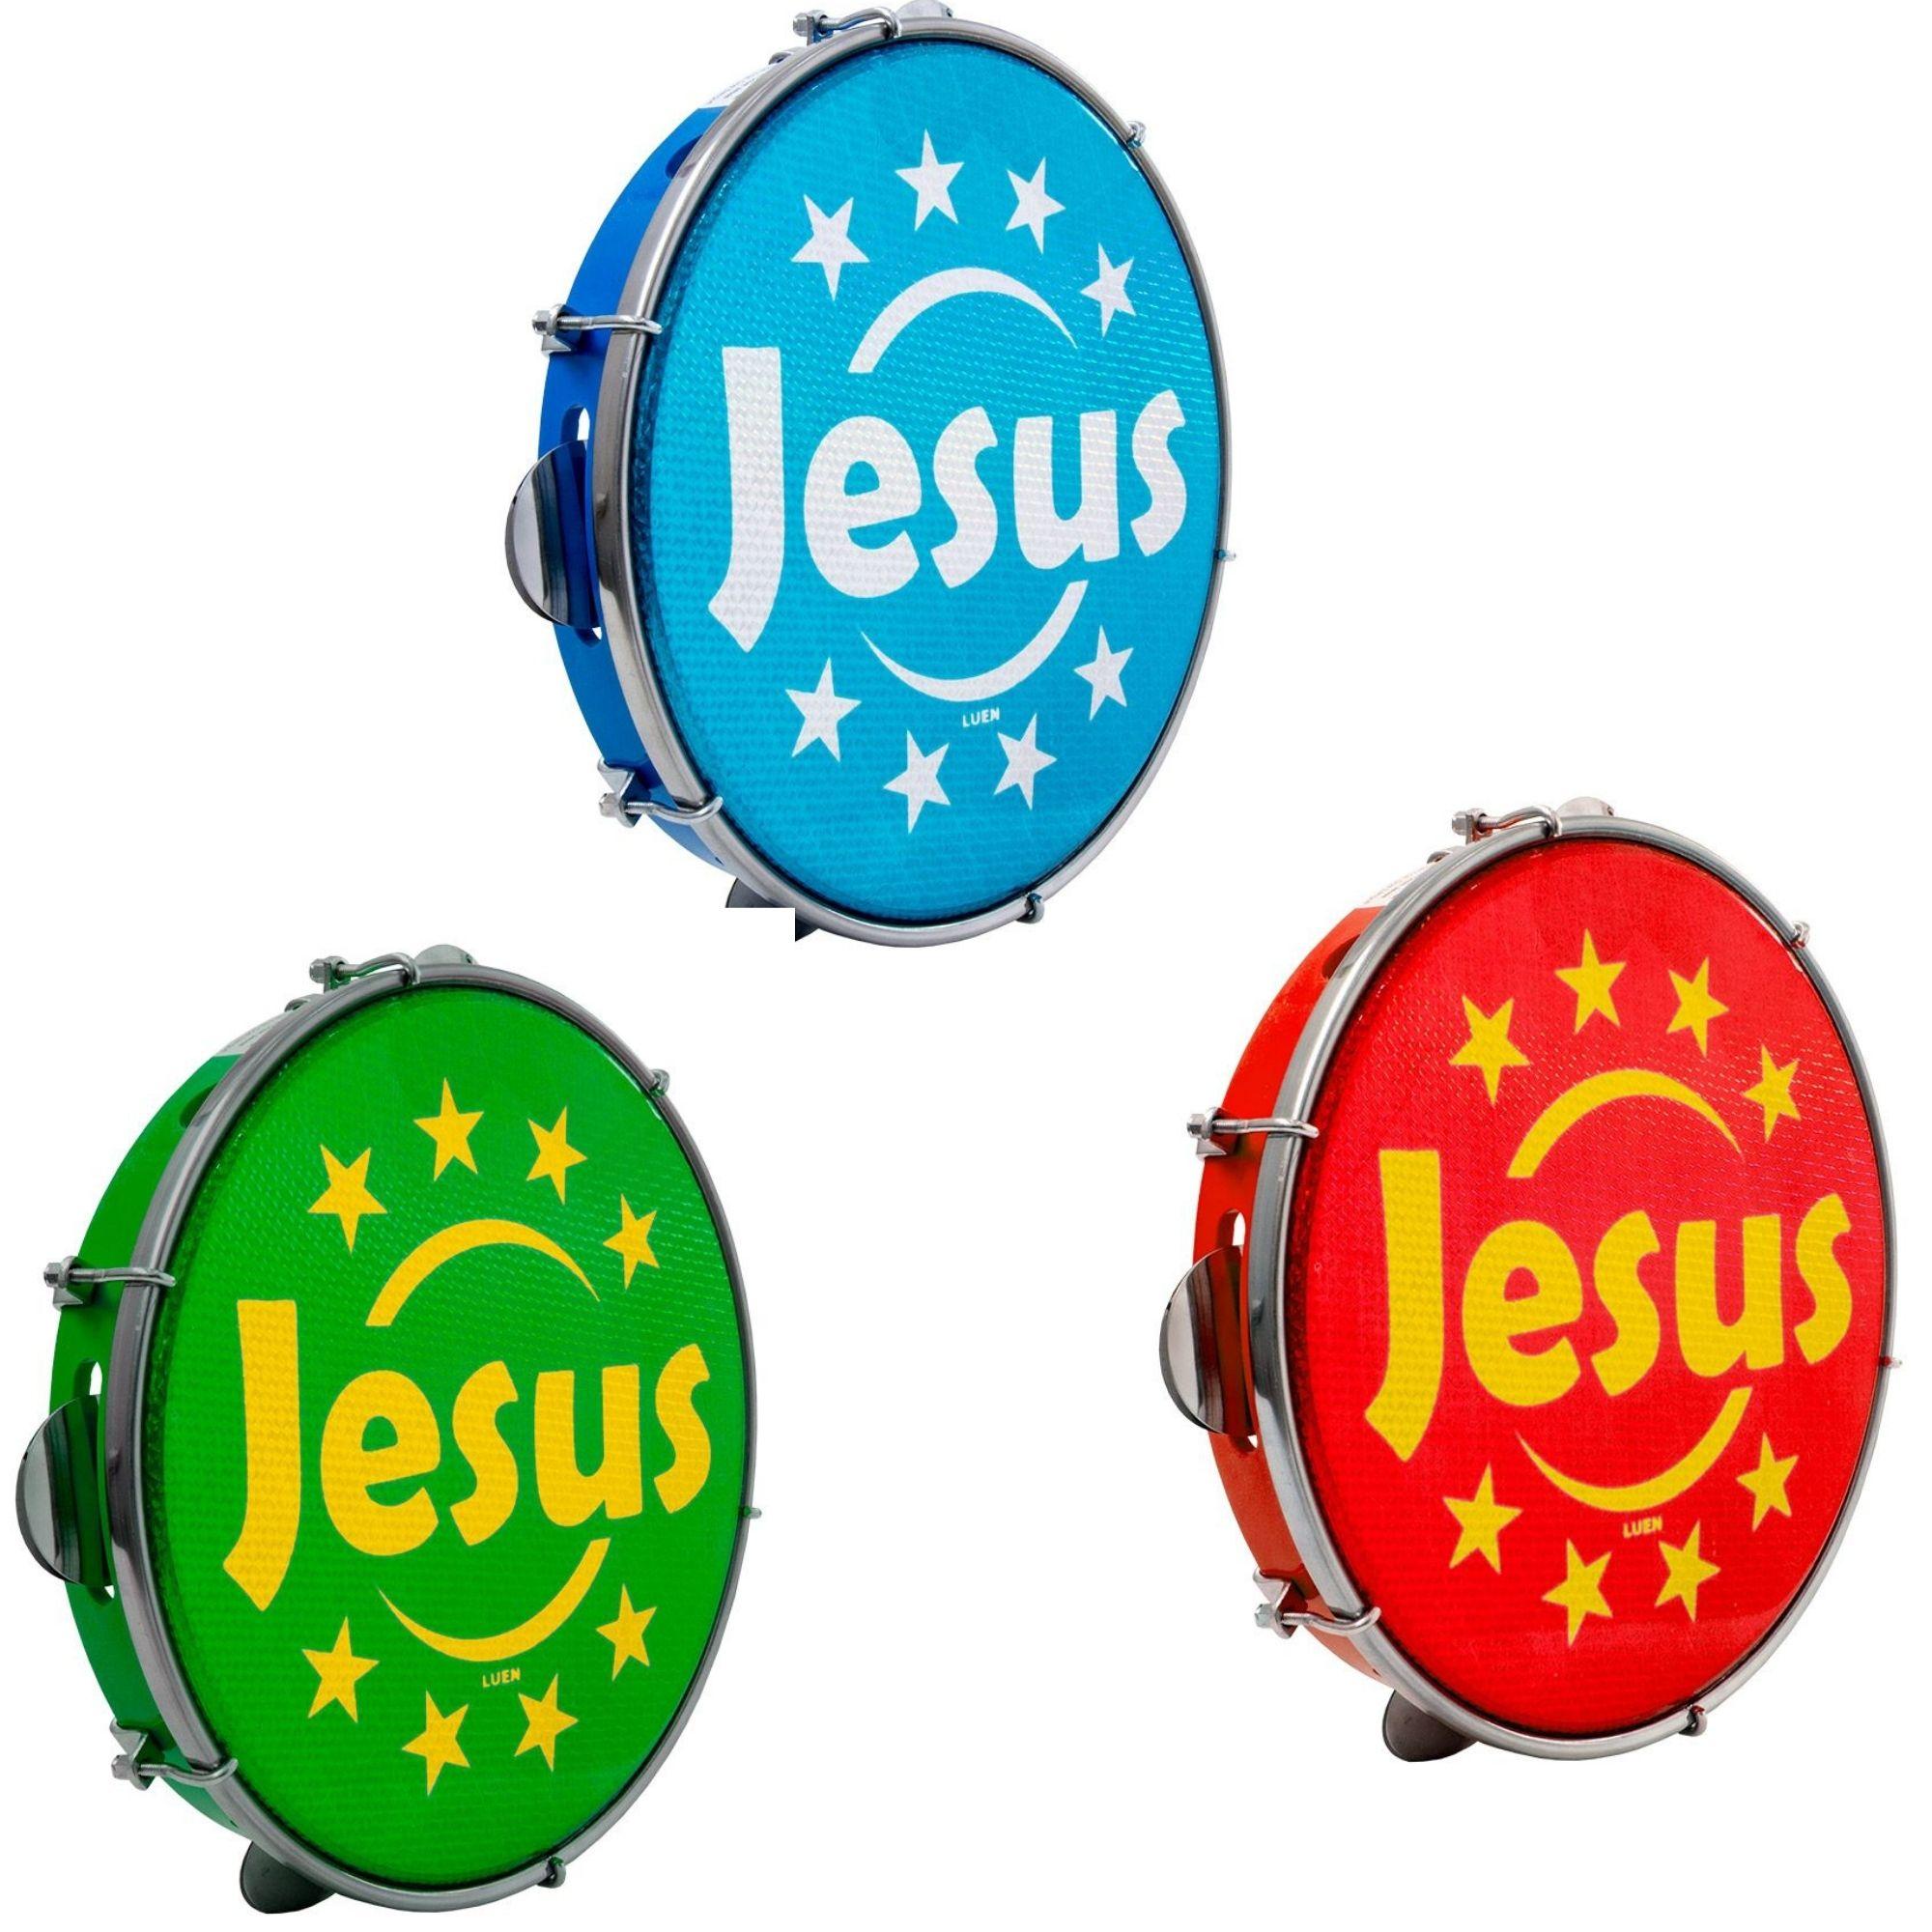 Pandeiro Luen 10 Pele Holográfica Personalizada Jesus, corpo em Abs, com chave de afinação